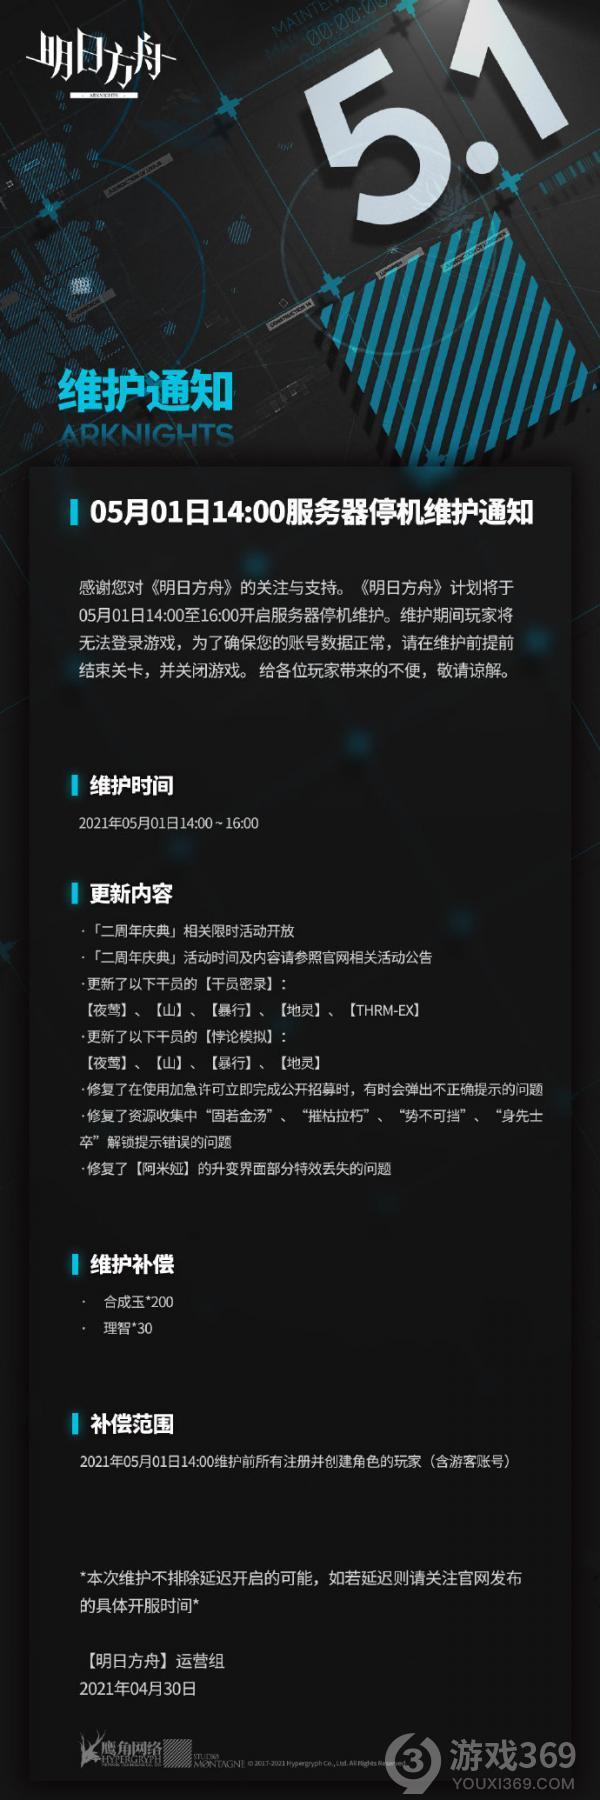 明日方舟5月1日14:00停机更新介绍